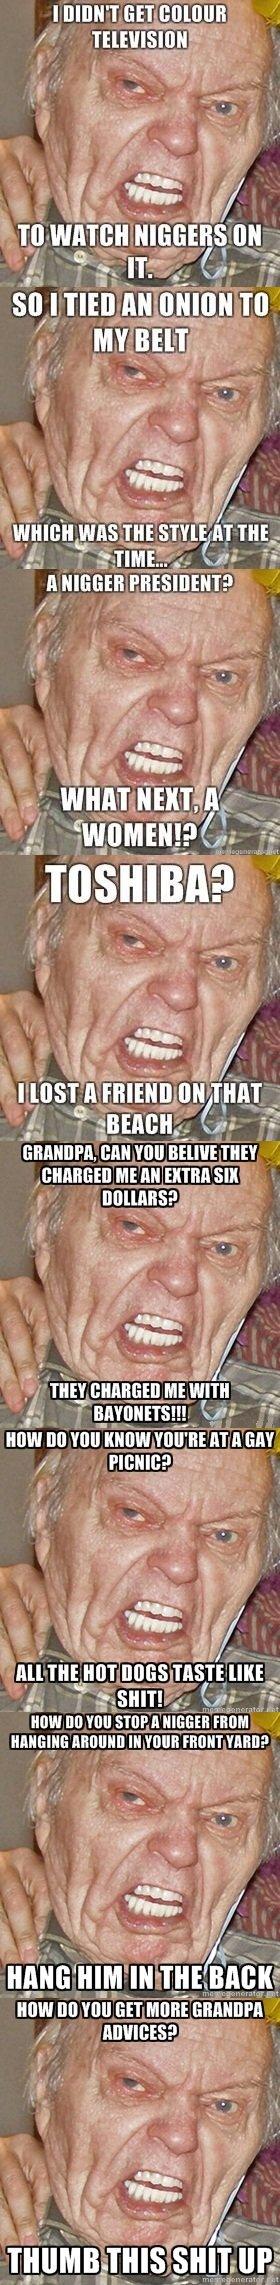 """Grumpy grandpa comp. . Mi; Art Milli MI foil 'lal. tll """"WEE"""" FED"""" y' Hangings HI]!!! Bil mu BET MERE f. 'What next, a women?' grandpa"""